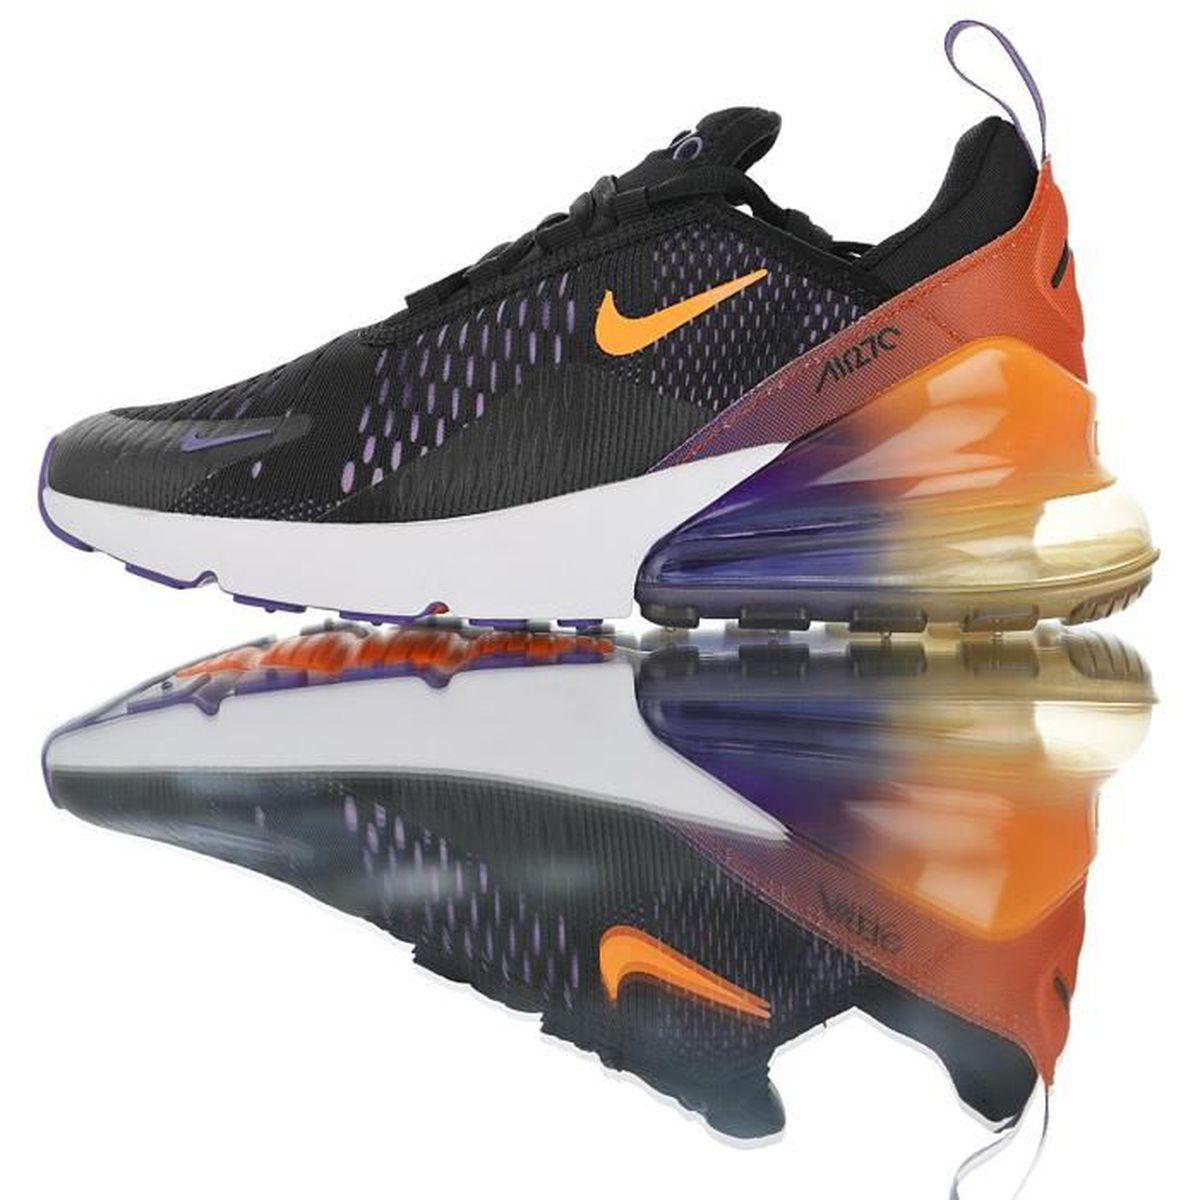 270 Chaussures Air Baskets Nike Course homme Max de noir nOP0wk